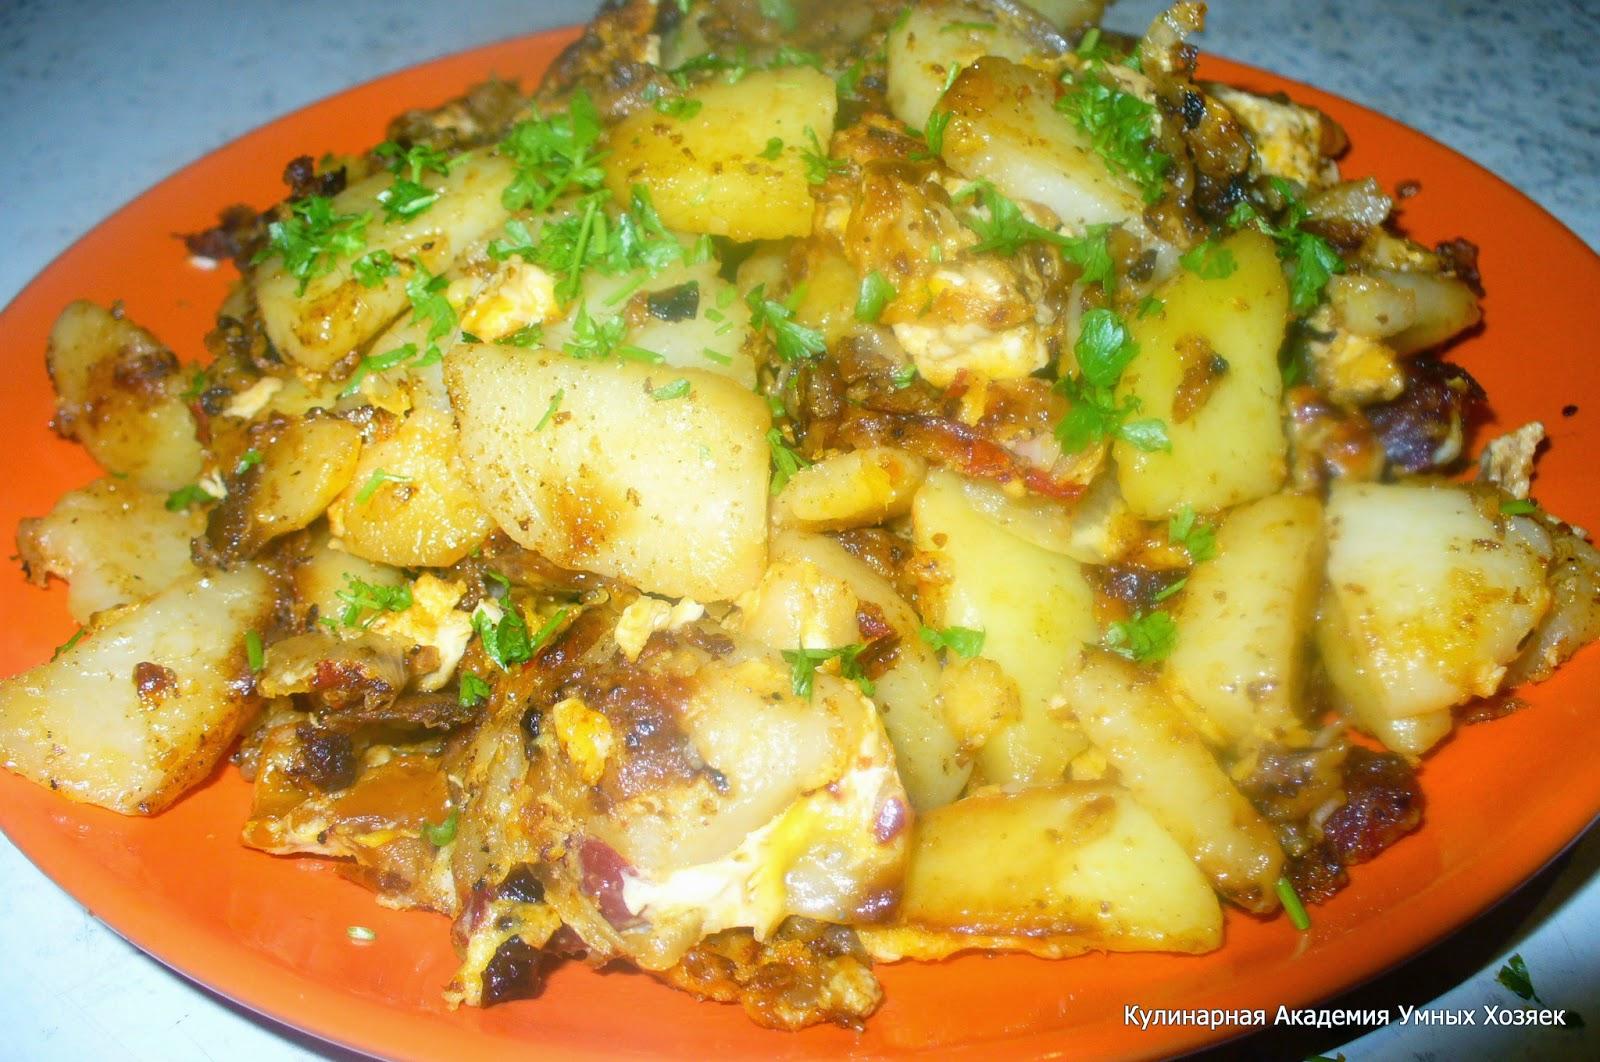 картошка готовая жареная